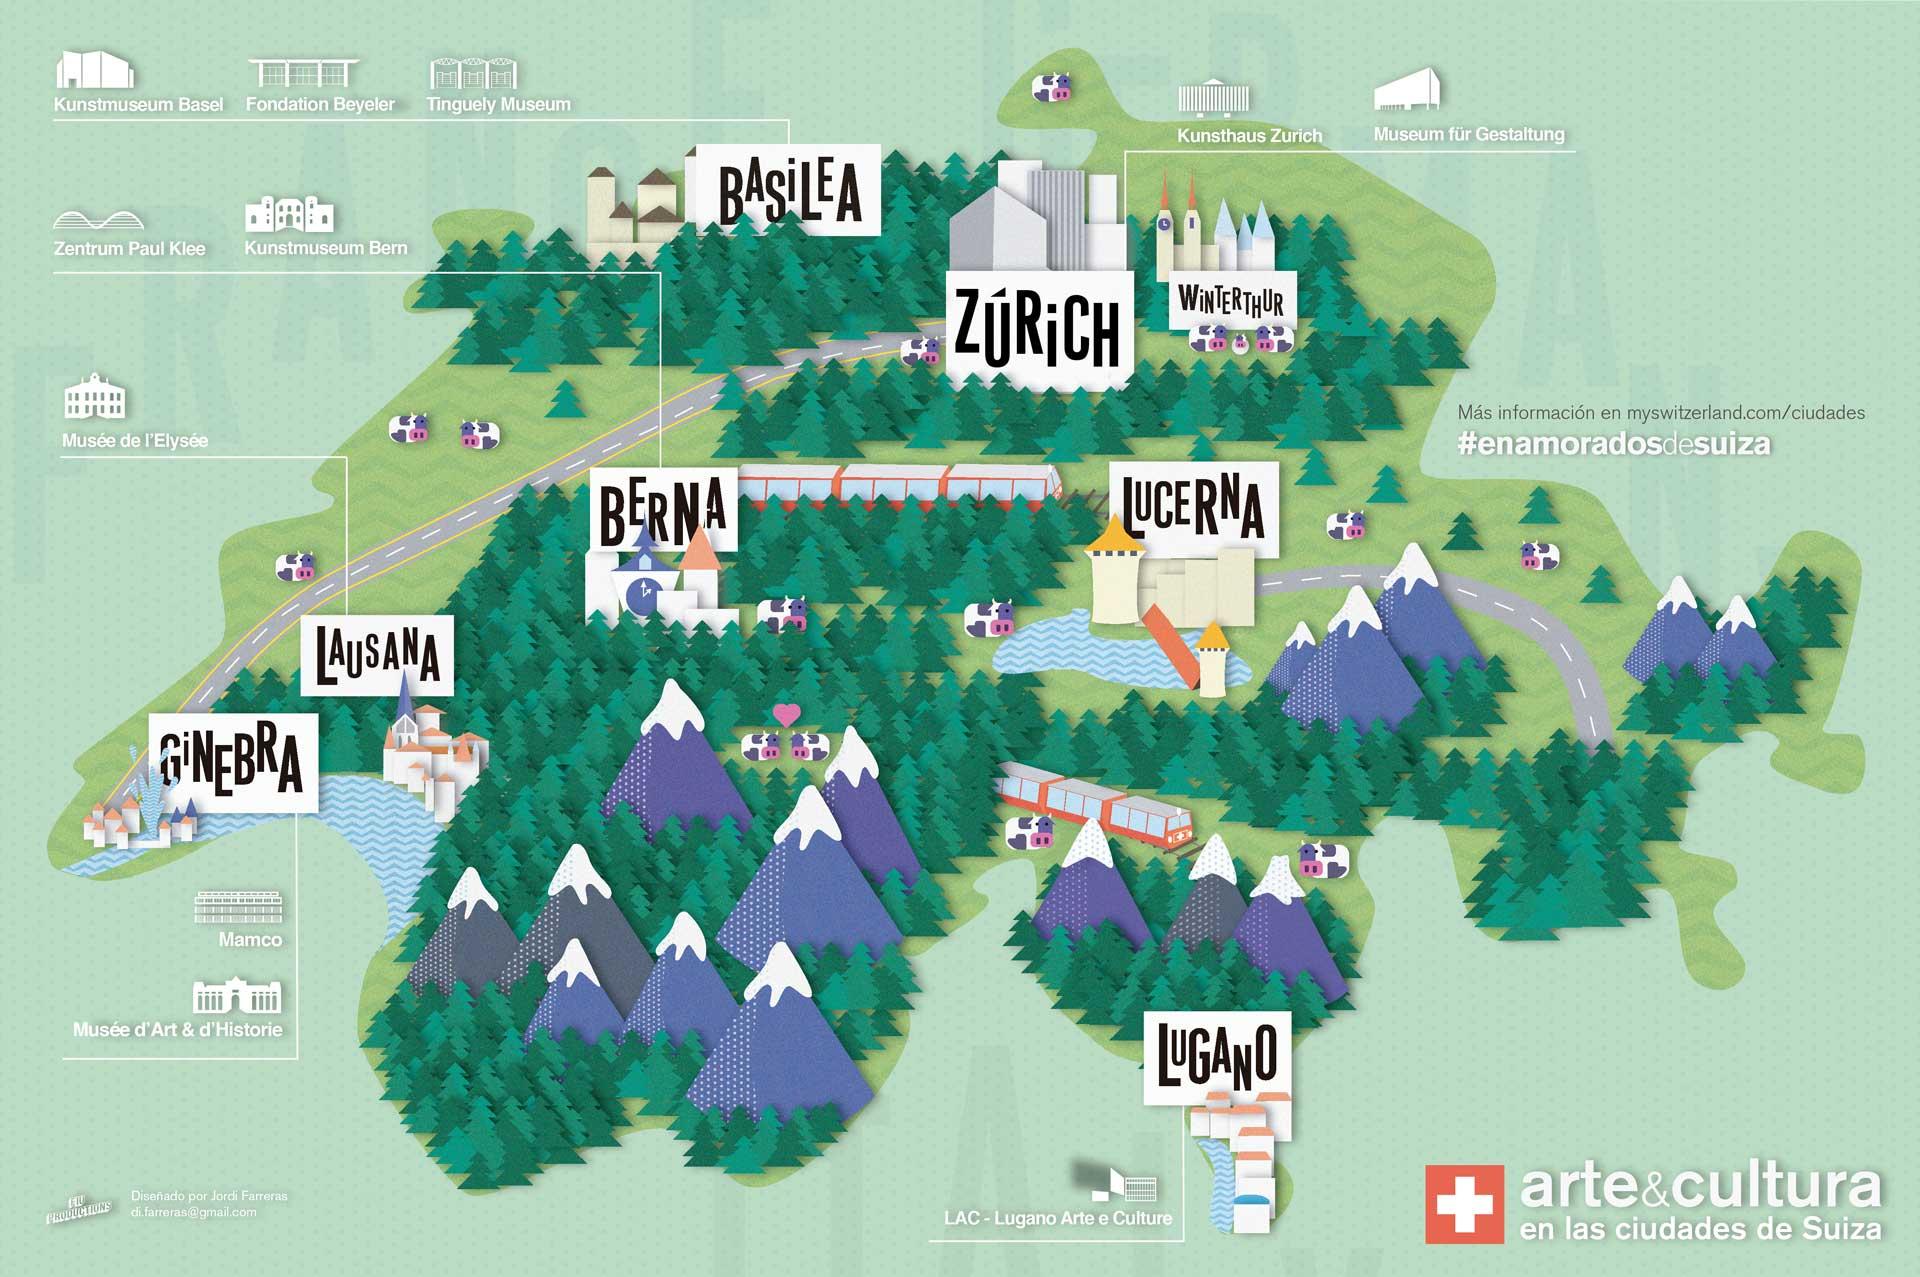 En la propuesta de Jordi Farreras, los museos suizos aparecen semienterrados entre la riqueza natural del país.